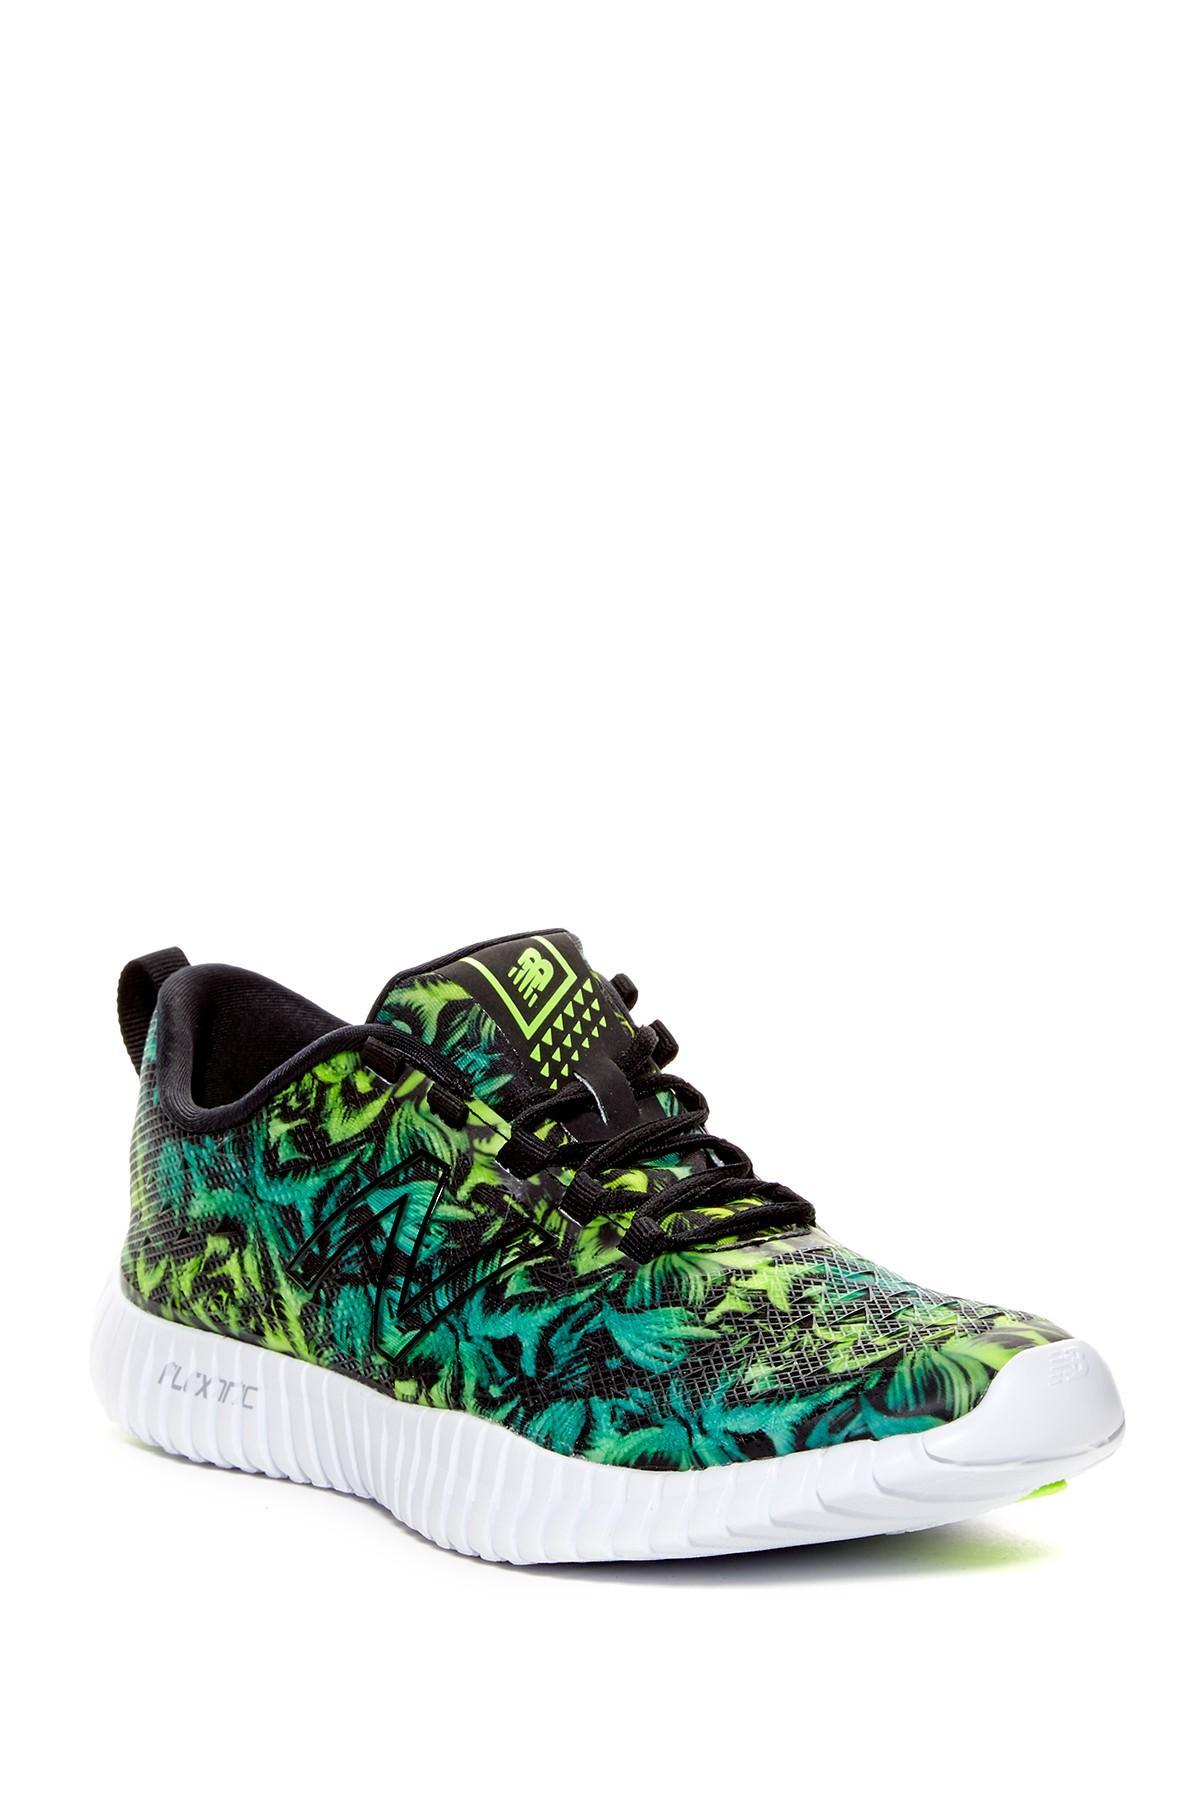 NEW New Balance Womens Flexonic WX99WG Shoe Blue Green Nature Pattern All Sizes